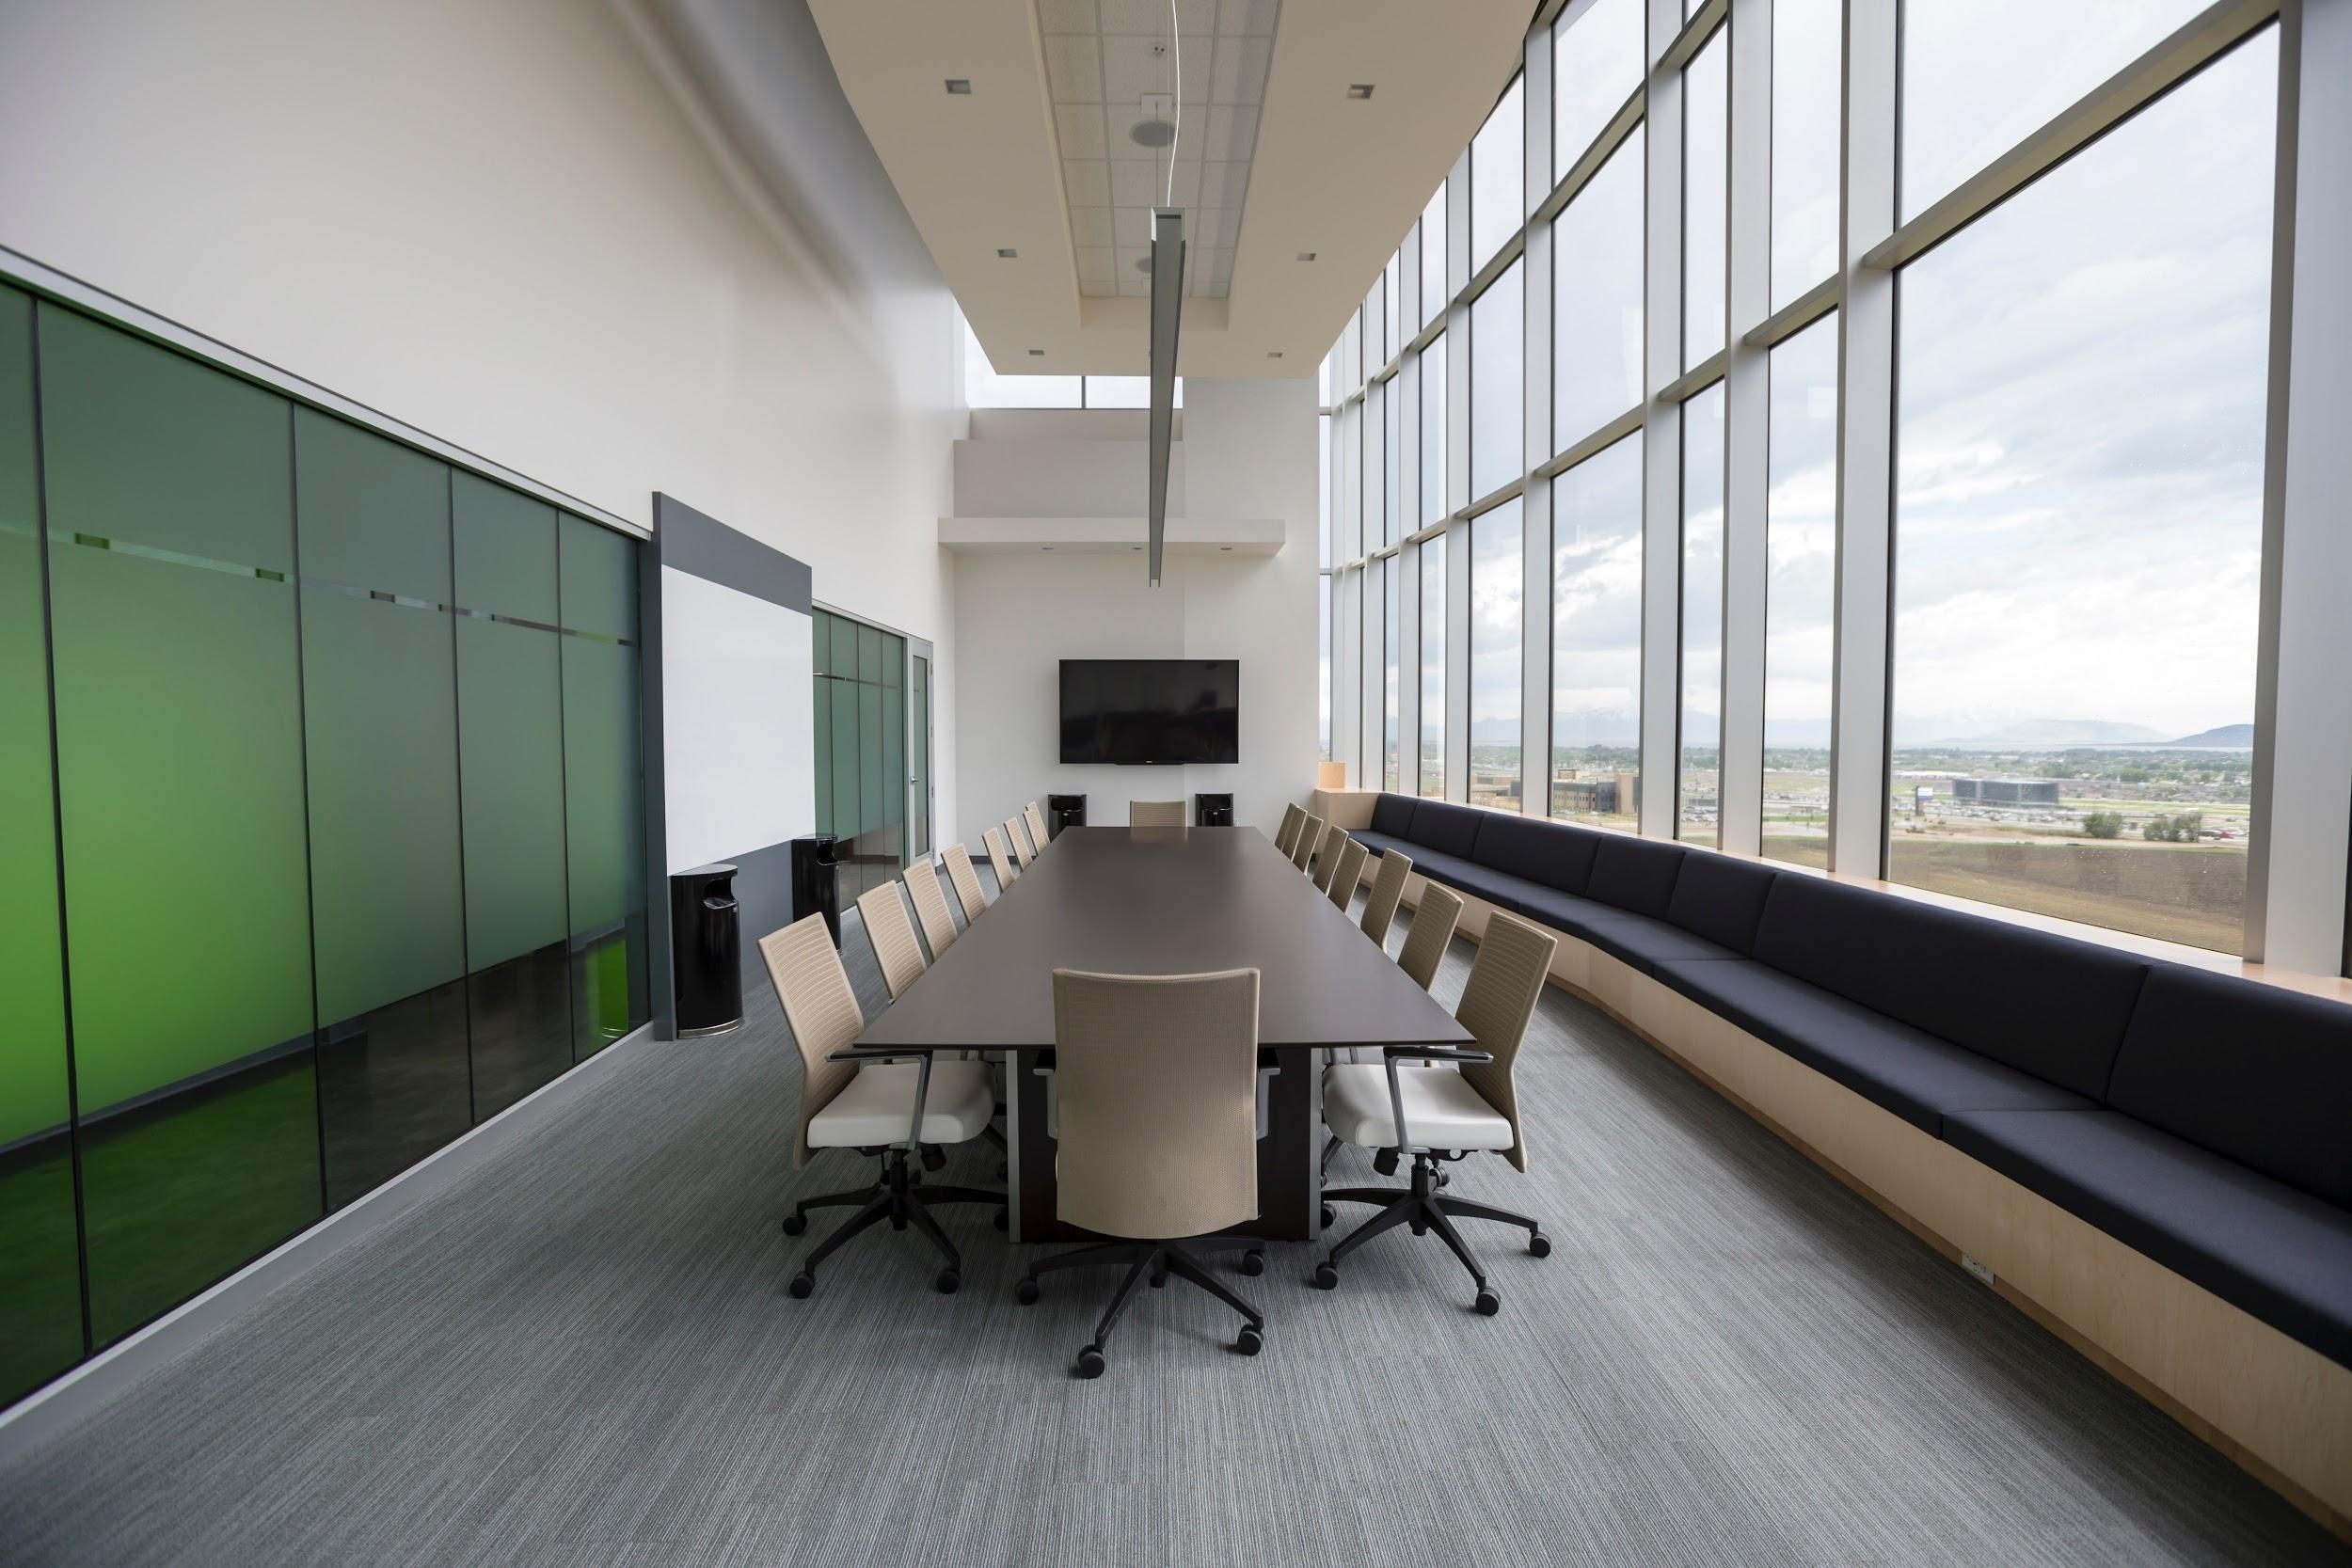 Health Hazards Around Your New Office